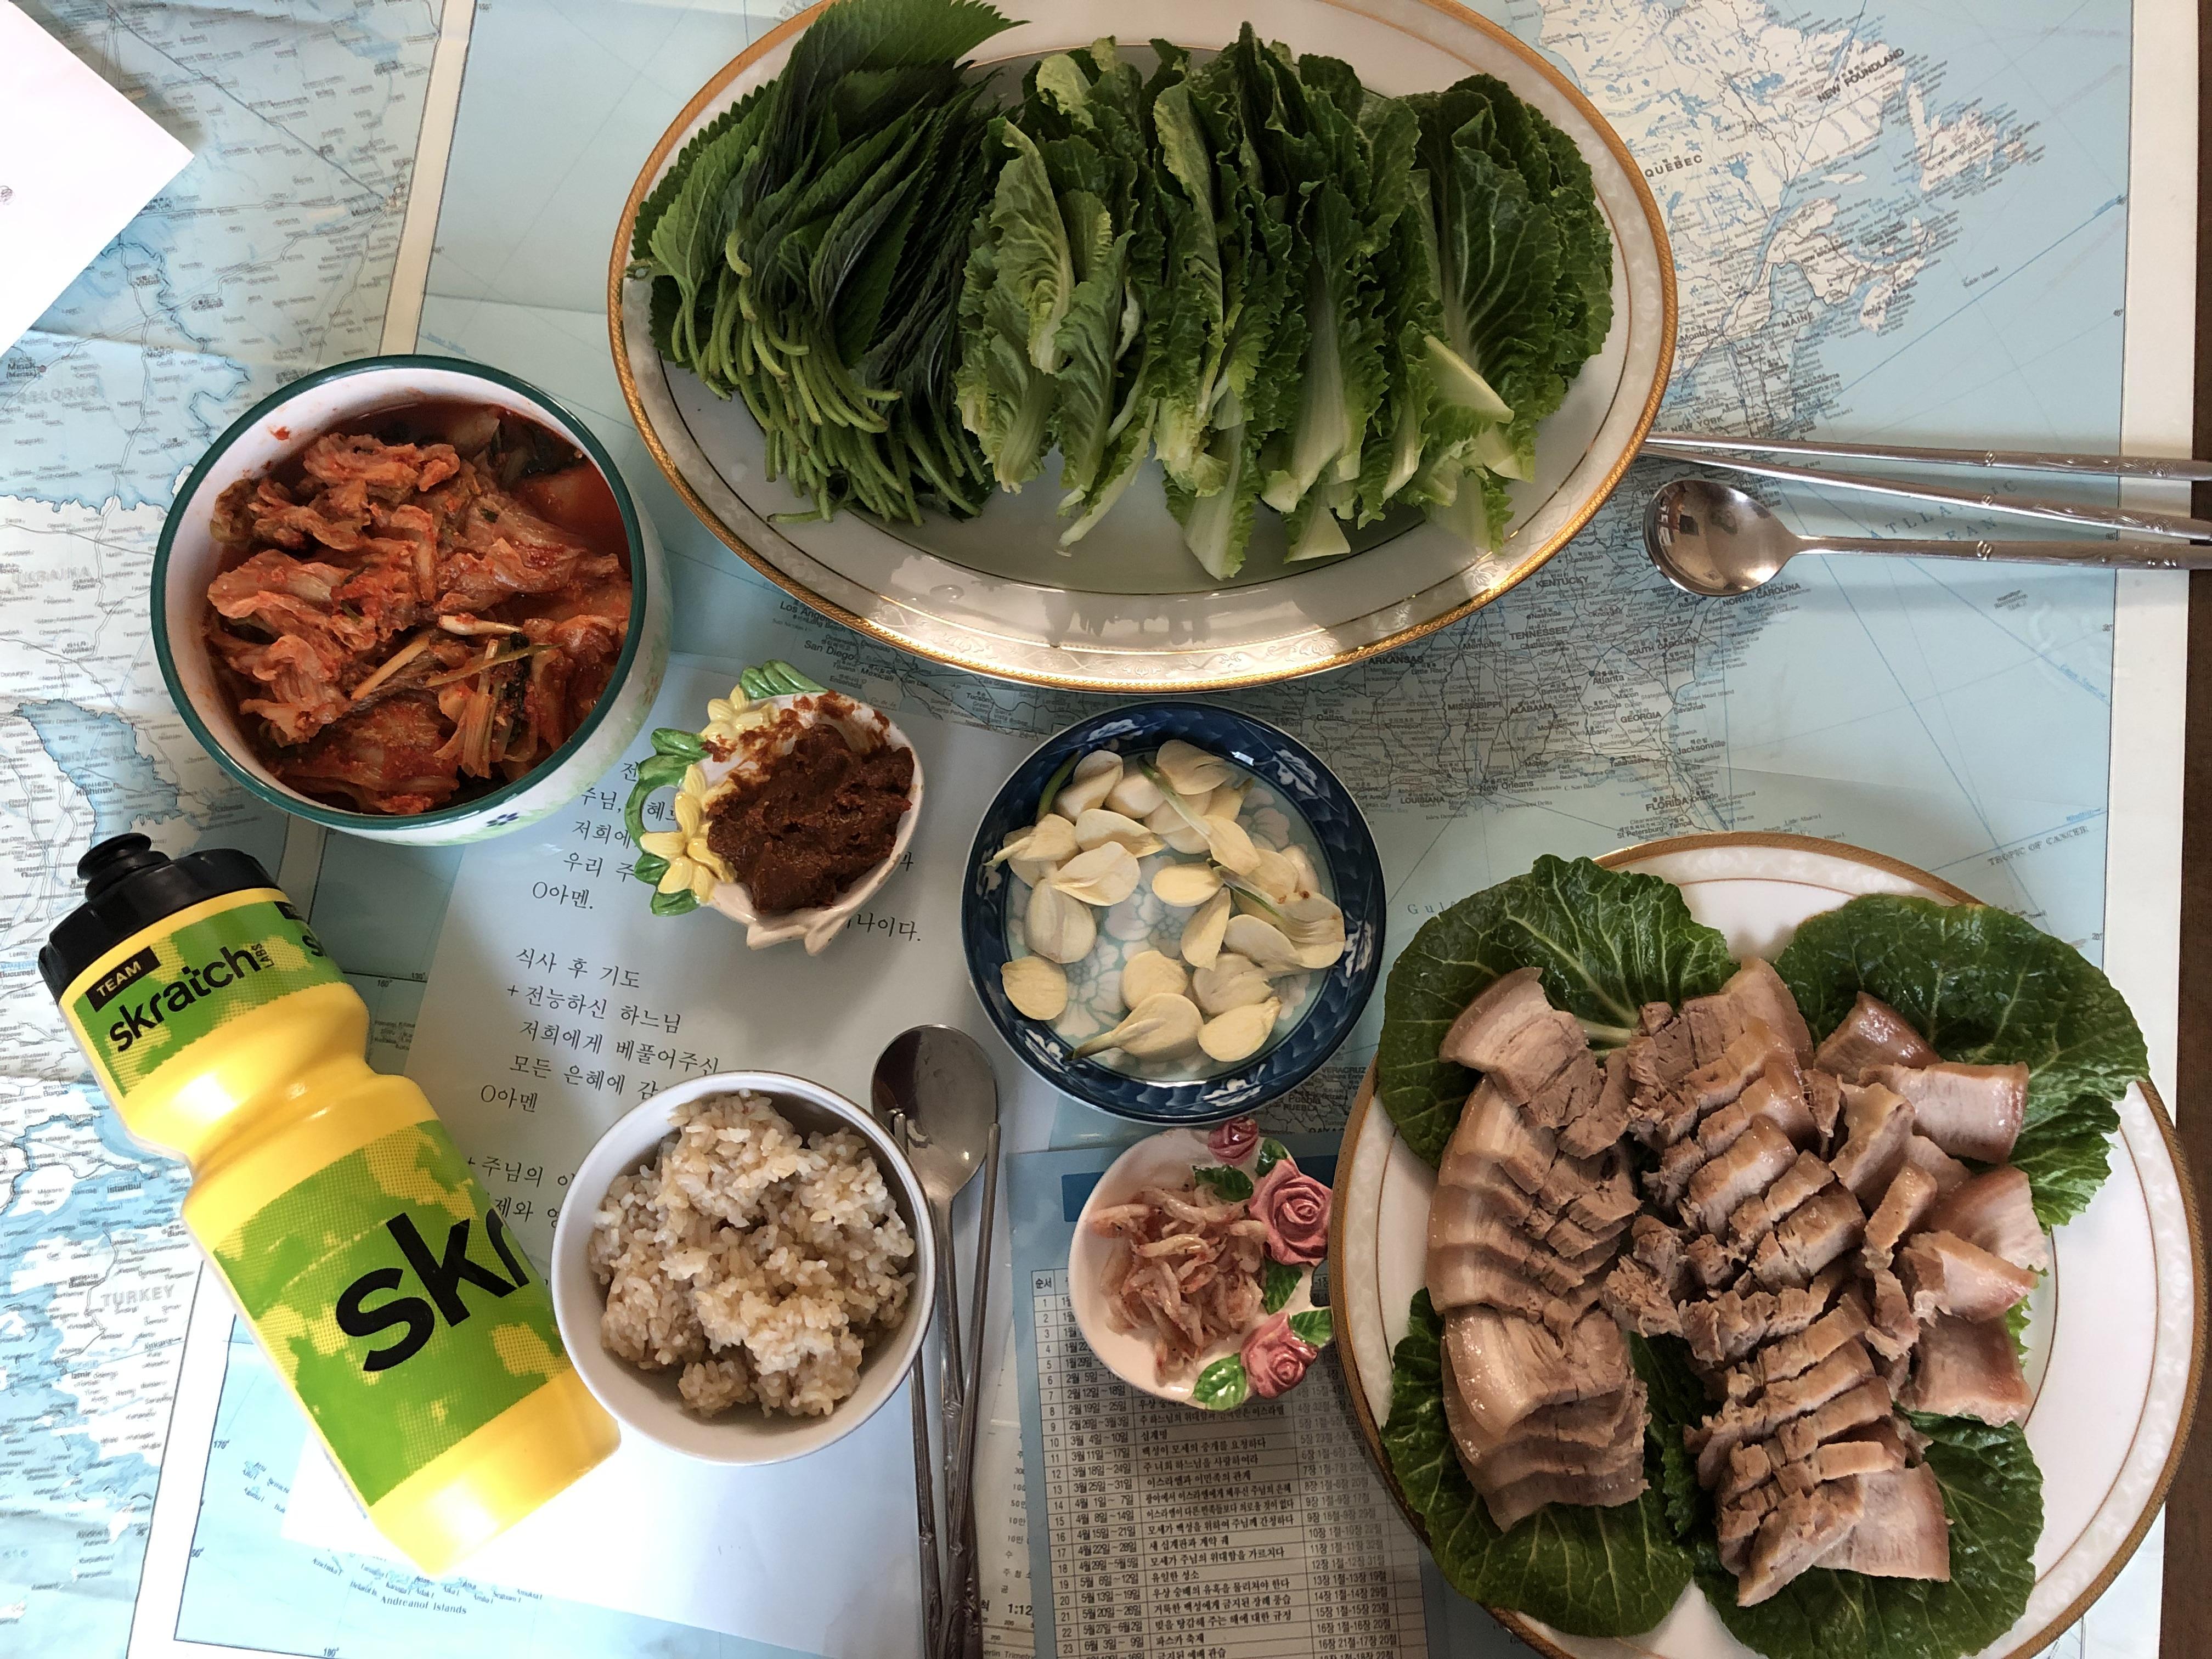 Ha Na Lee's lean protein focused dinner